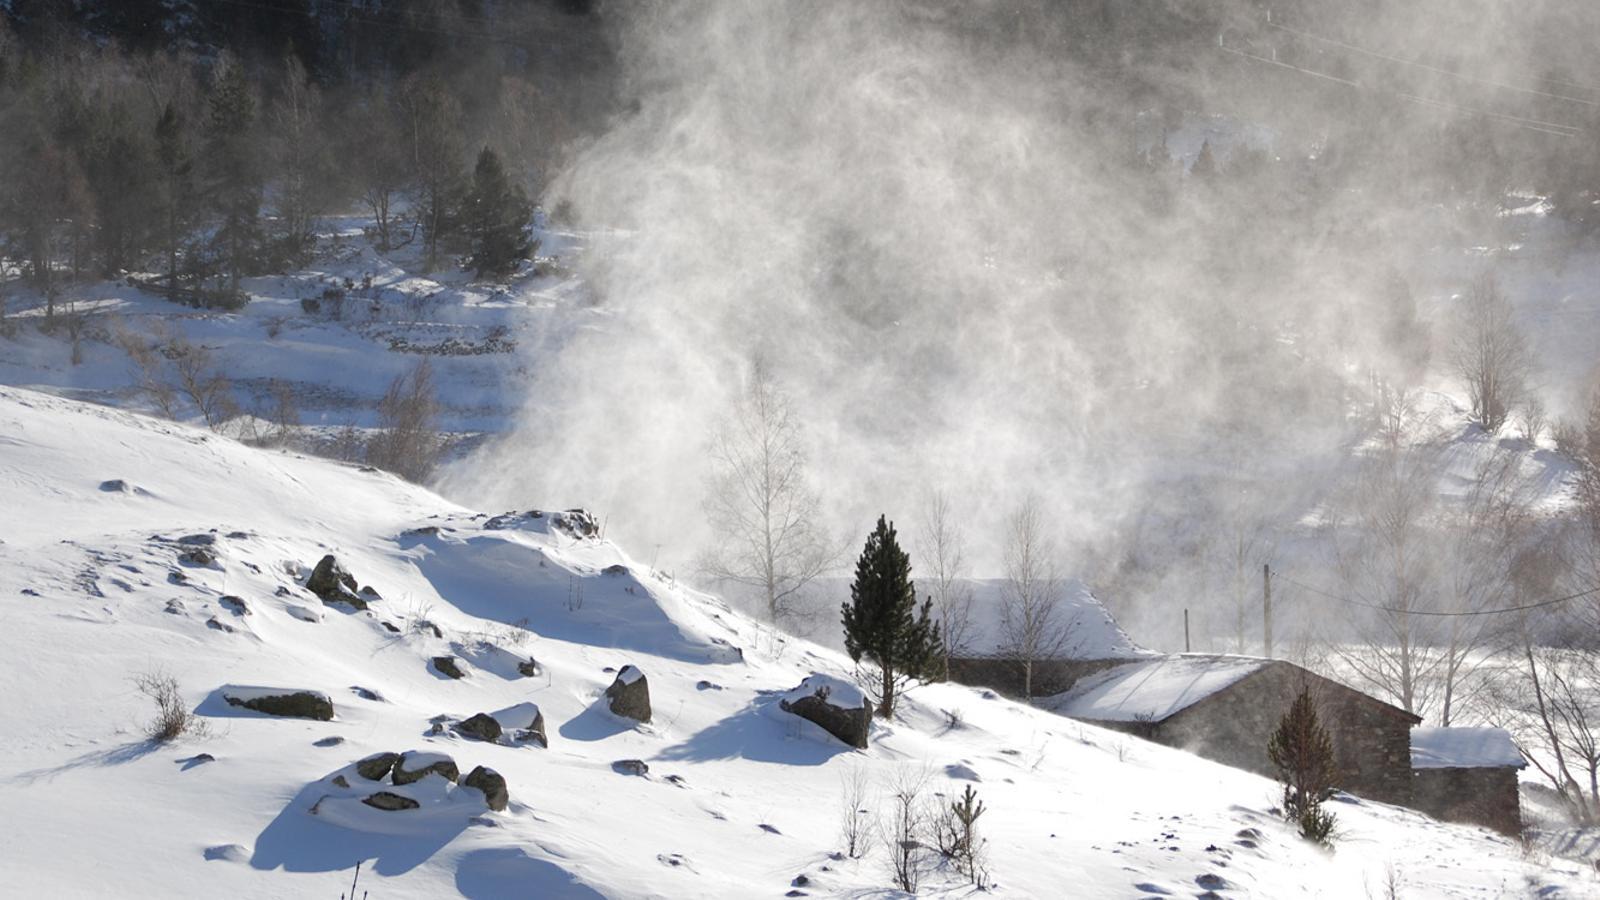 Les ràfegues de vent fan volar la neu. / ARXIU